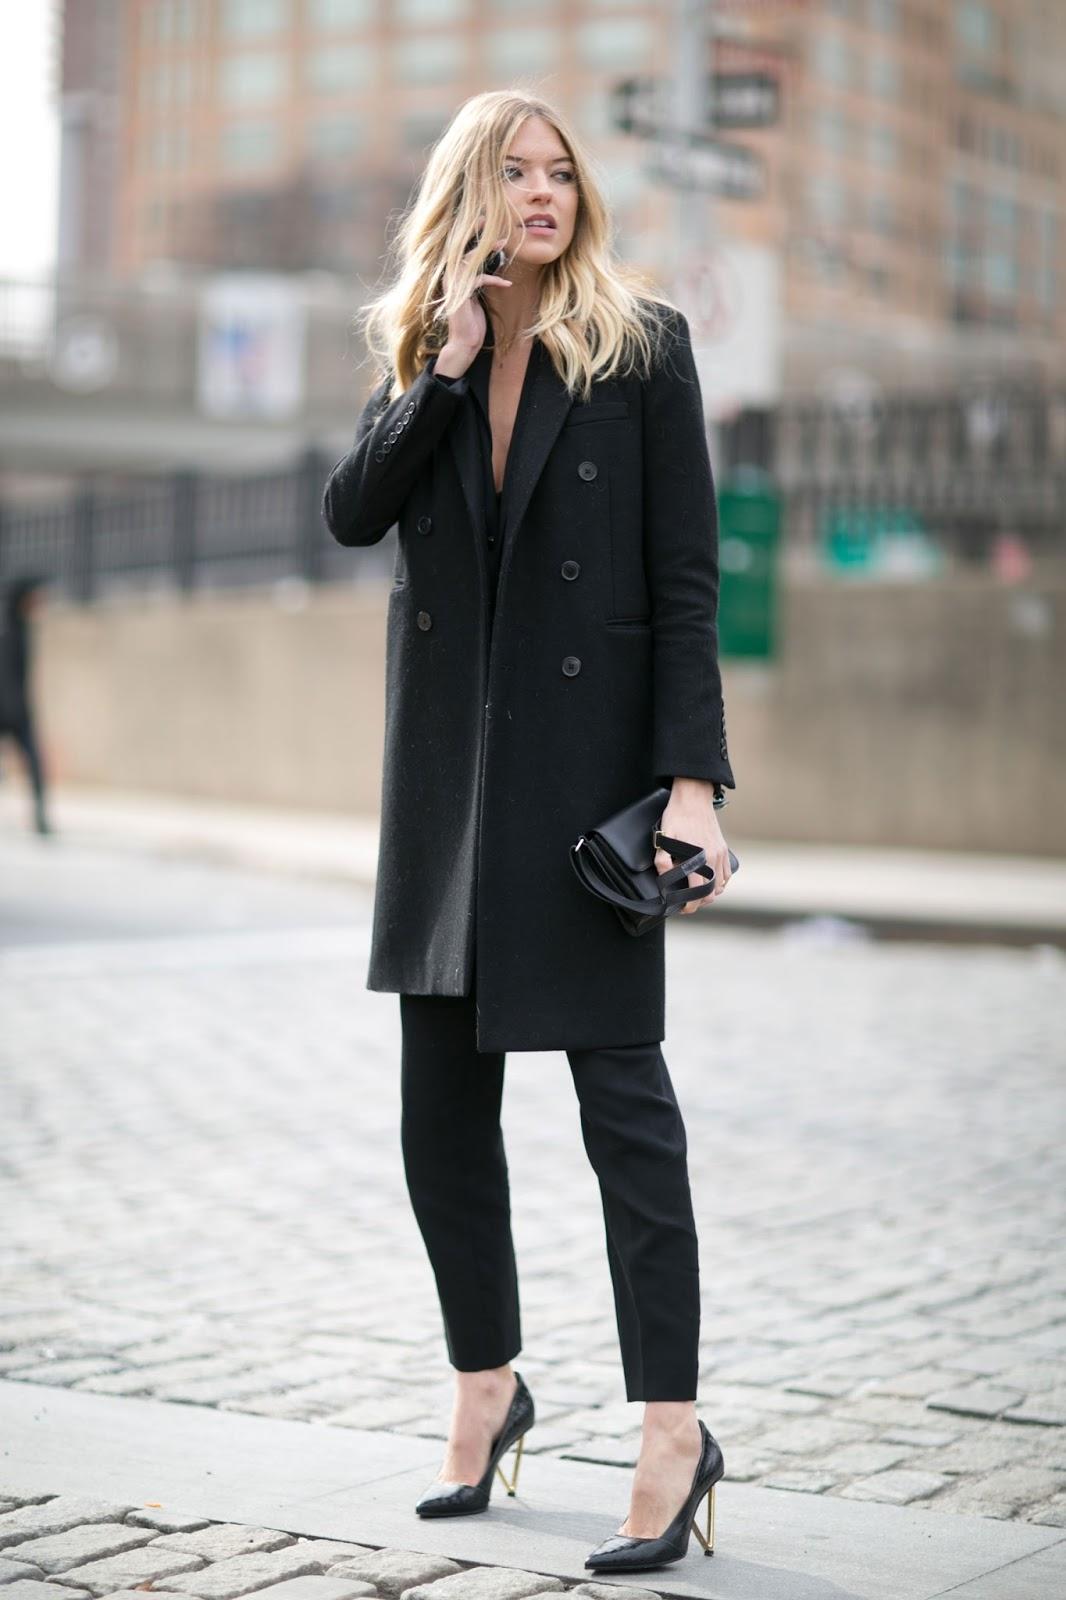 Street Style: Martha Hunt Dresses Up Simple Black